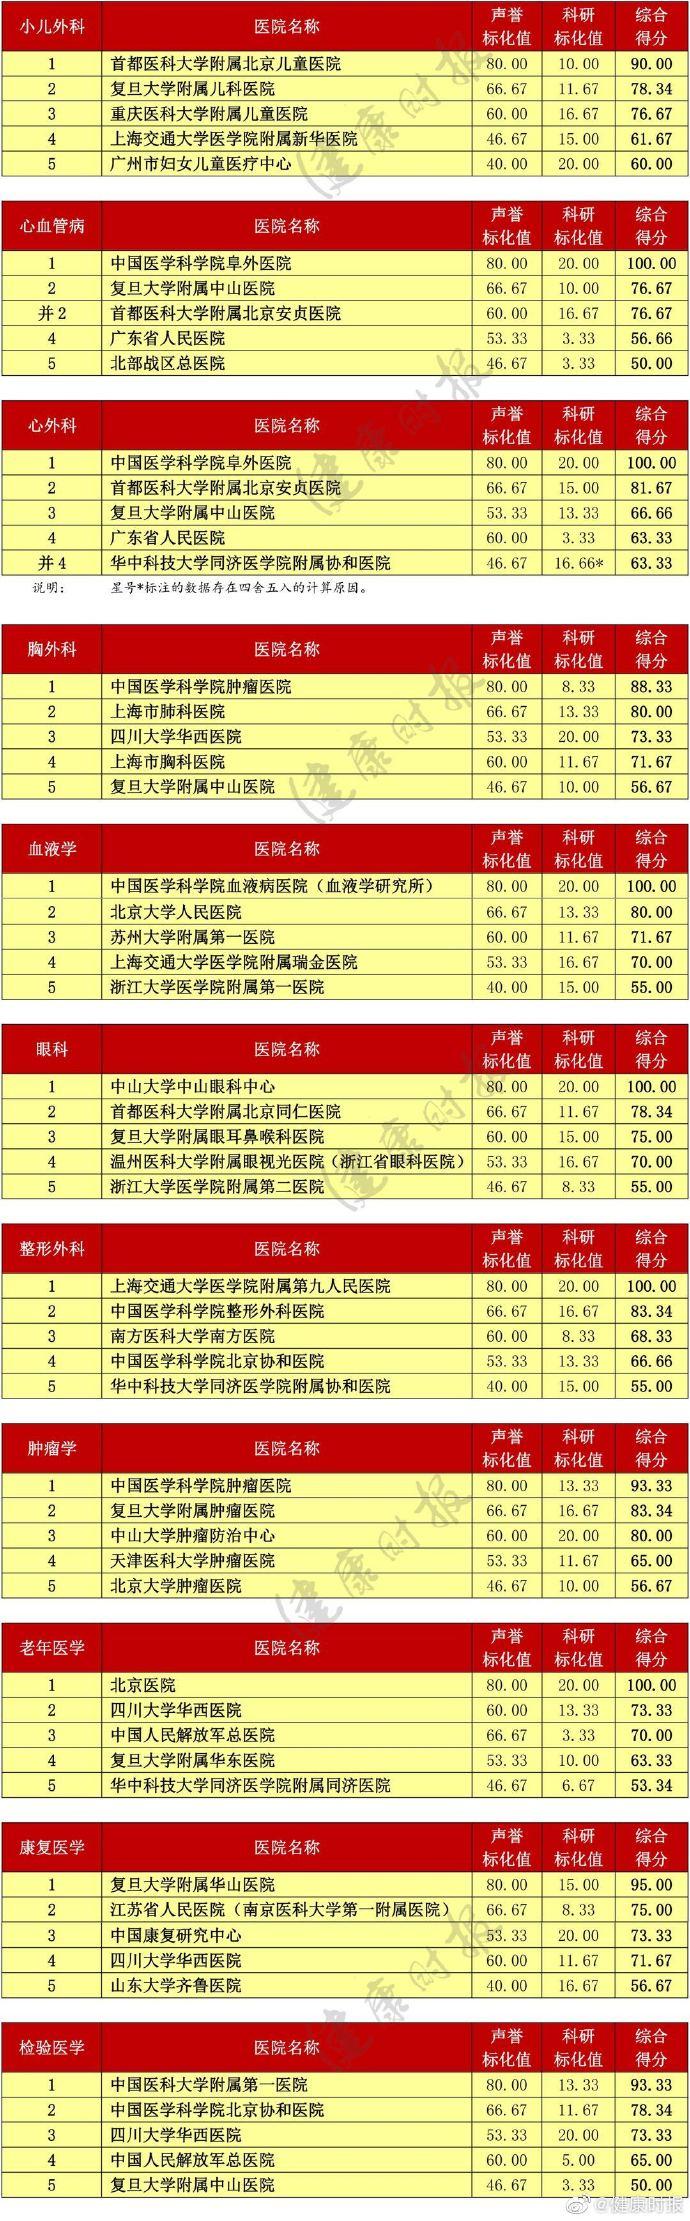 「美乐门官网」金融租赁撑起中国大飞机市场半壁江山:一半飞机靠租